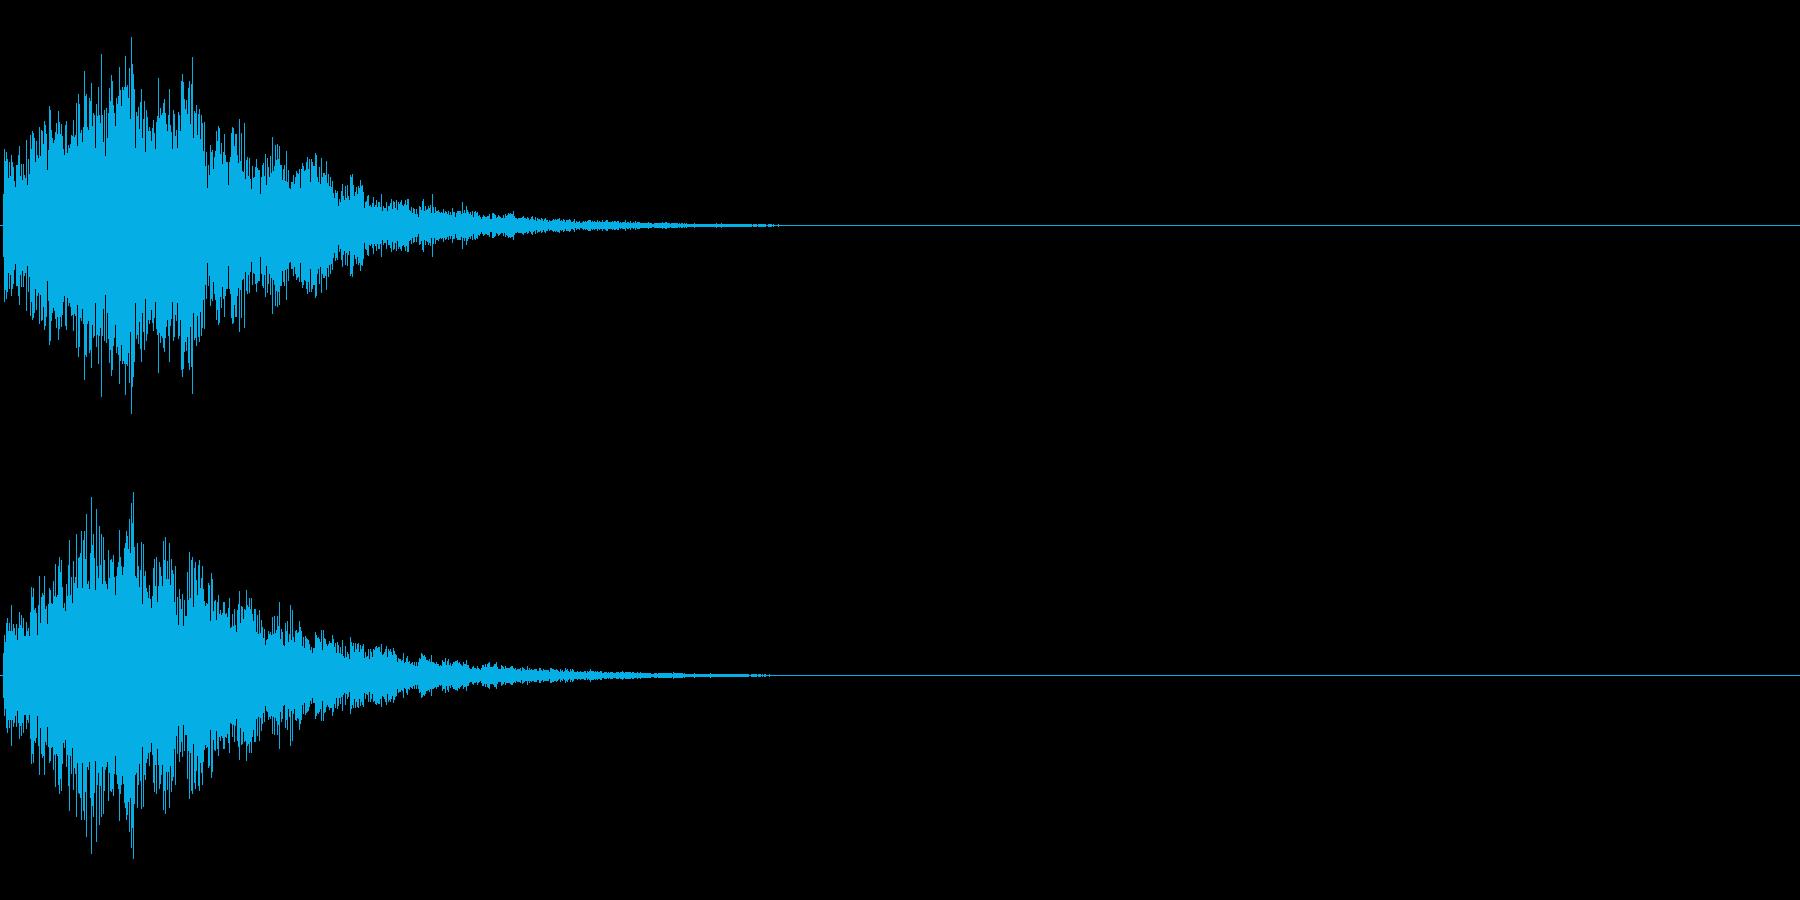 ピロローン(開始・スタート音、決定音)の再生済みの波形